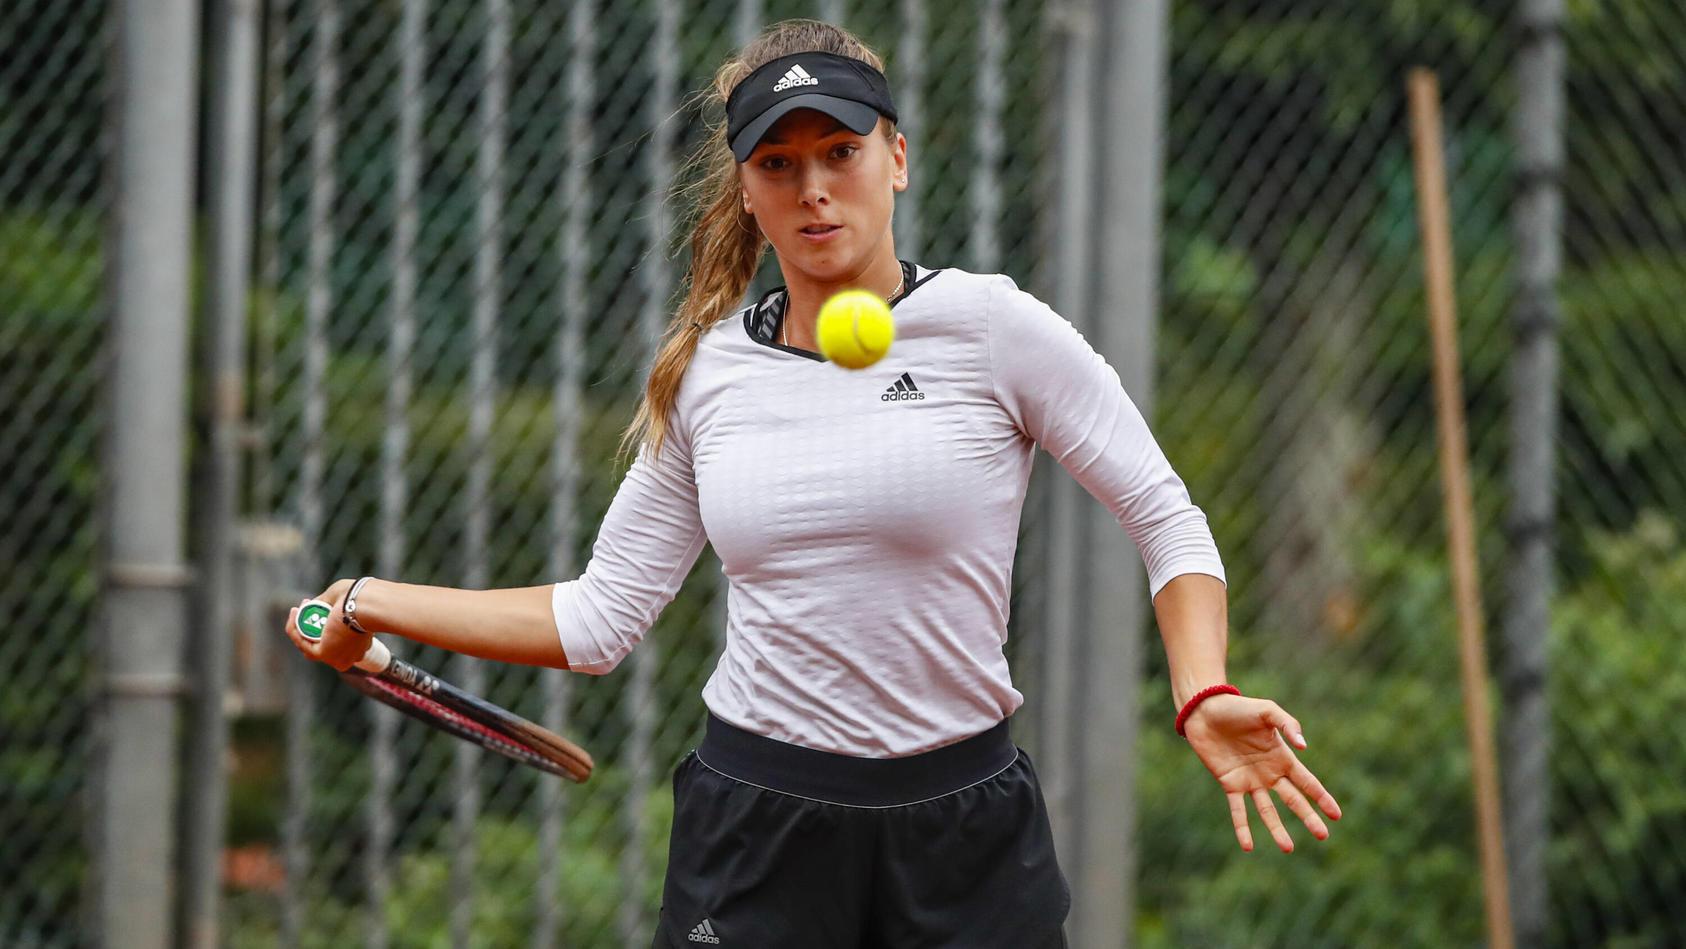 Sara Cakarevic ist aktuell die Nummer 410 der Frauen-Weltrangliste.